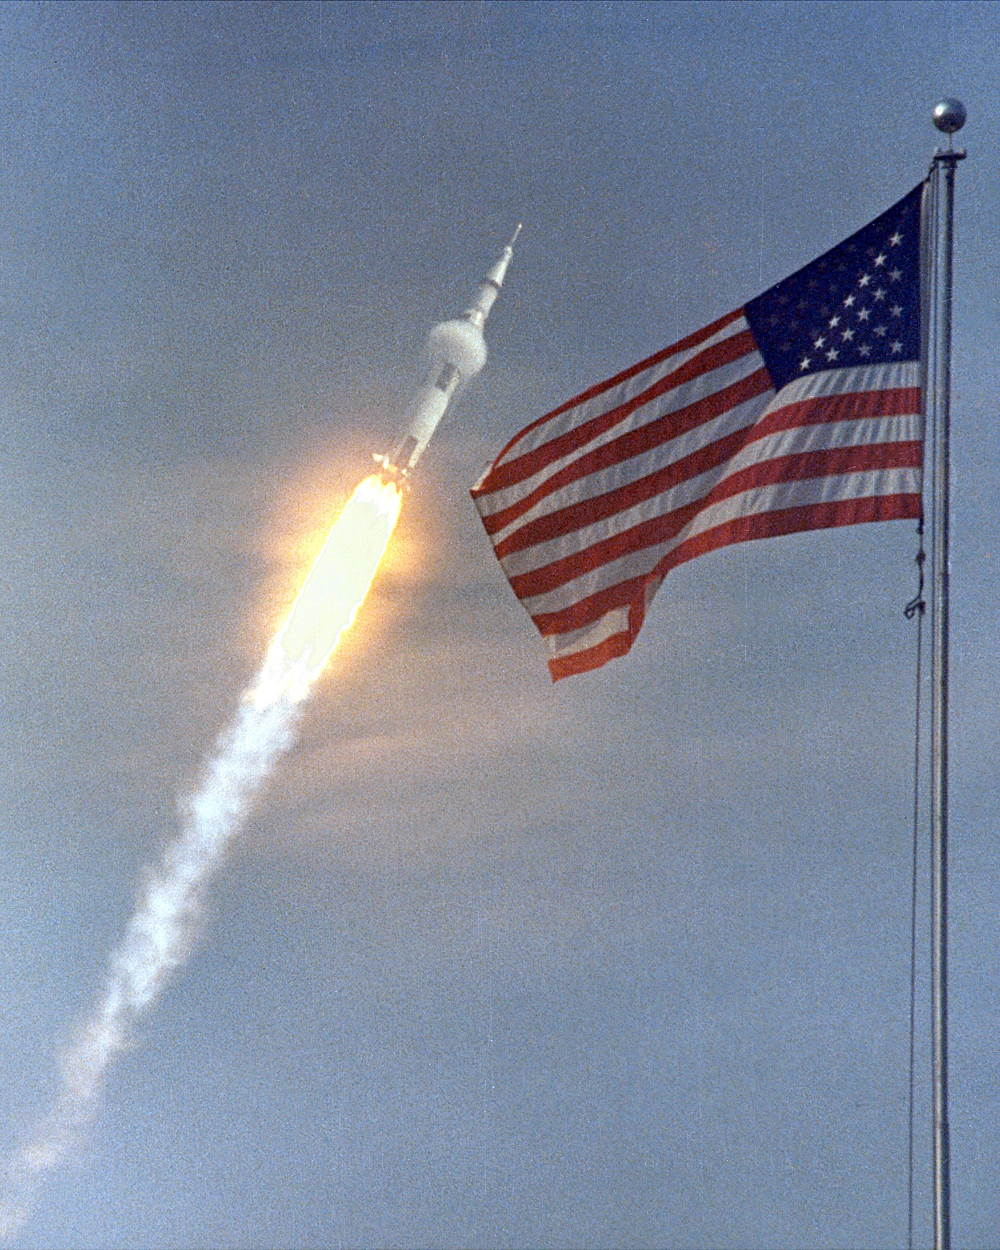 Cuộc đổ bộ lên Mặt Trăng: Thế giới từng có một Tháng Bảy vĩ đại và tràn ngập cảm xúc như thế